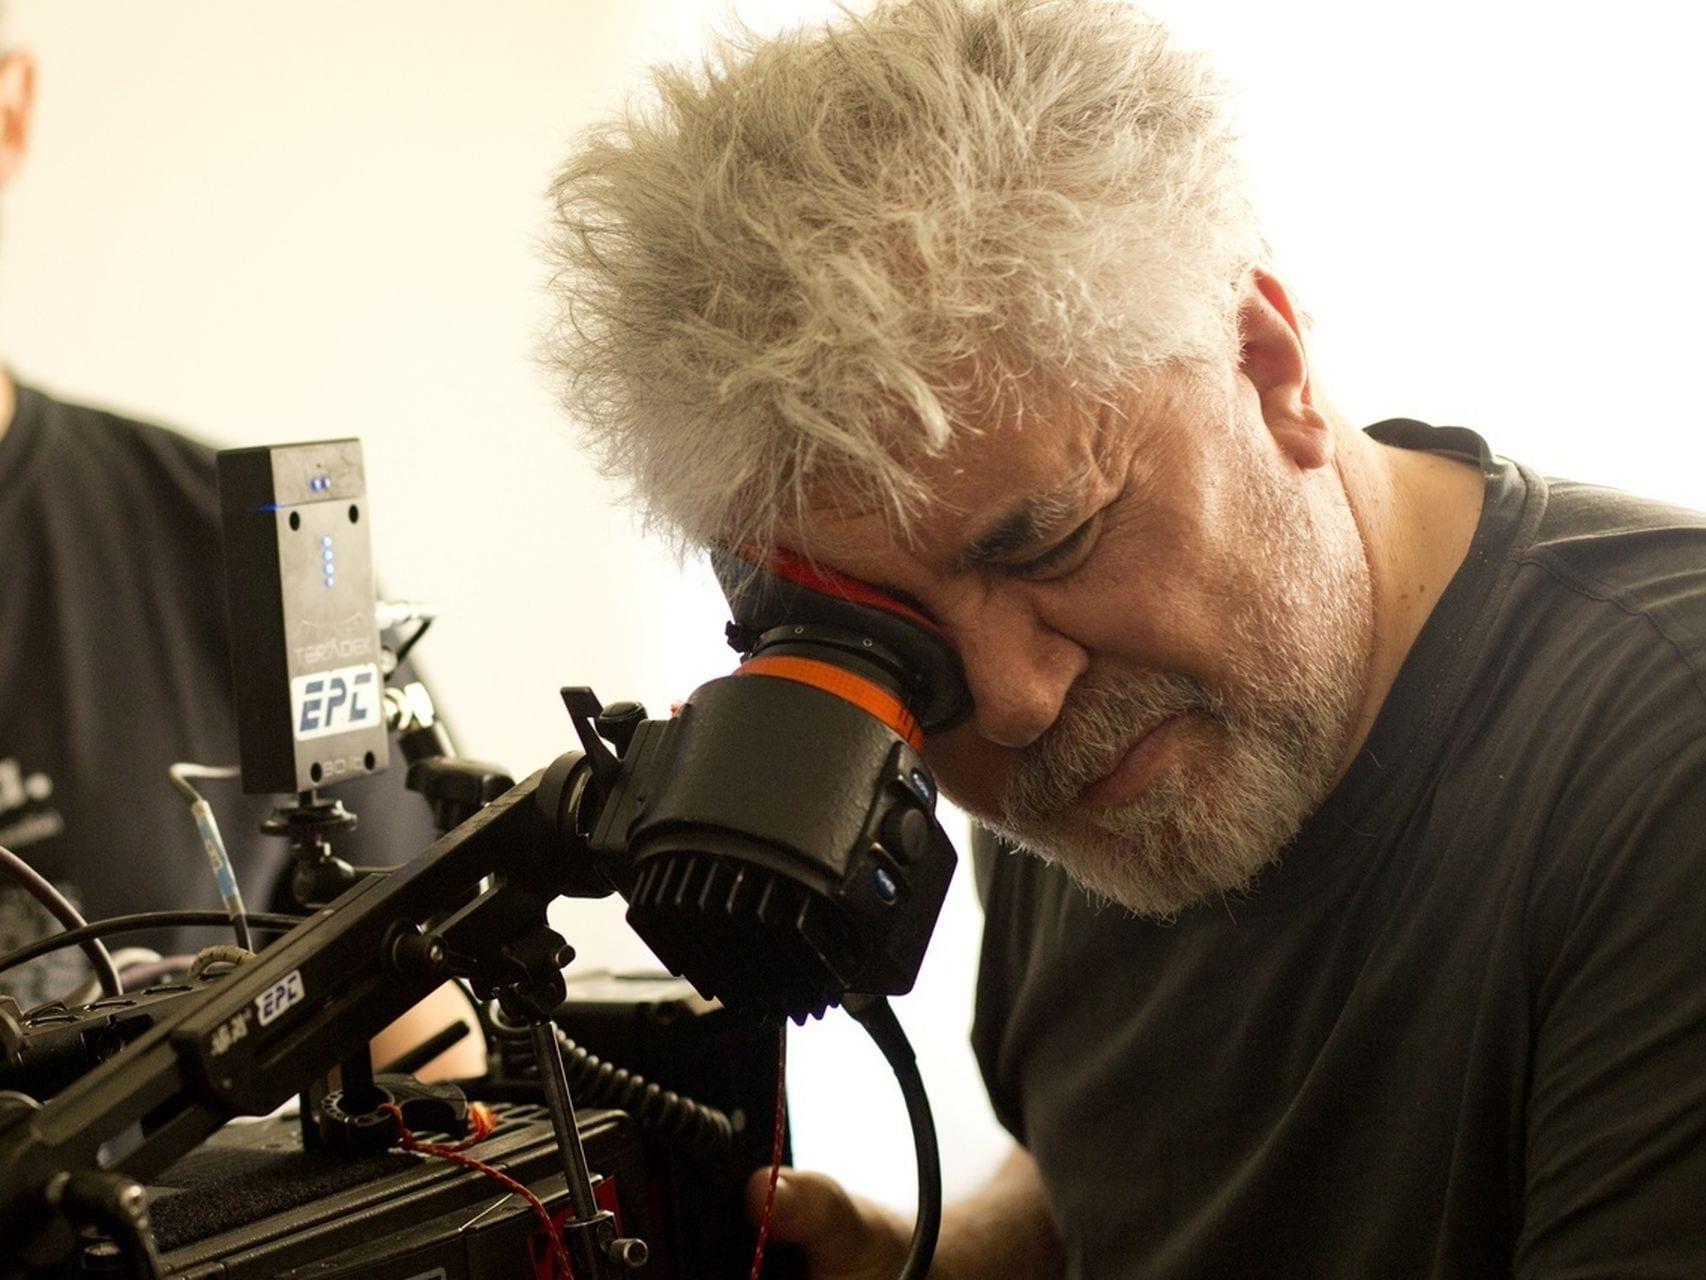 Pedro Almodóvar obtiene tres nominaciones en los Premios de Cine Europeo